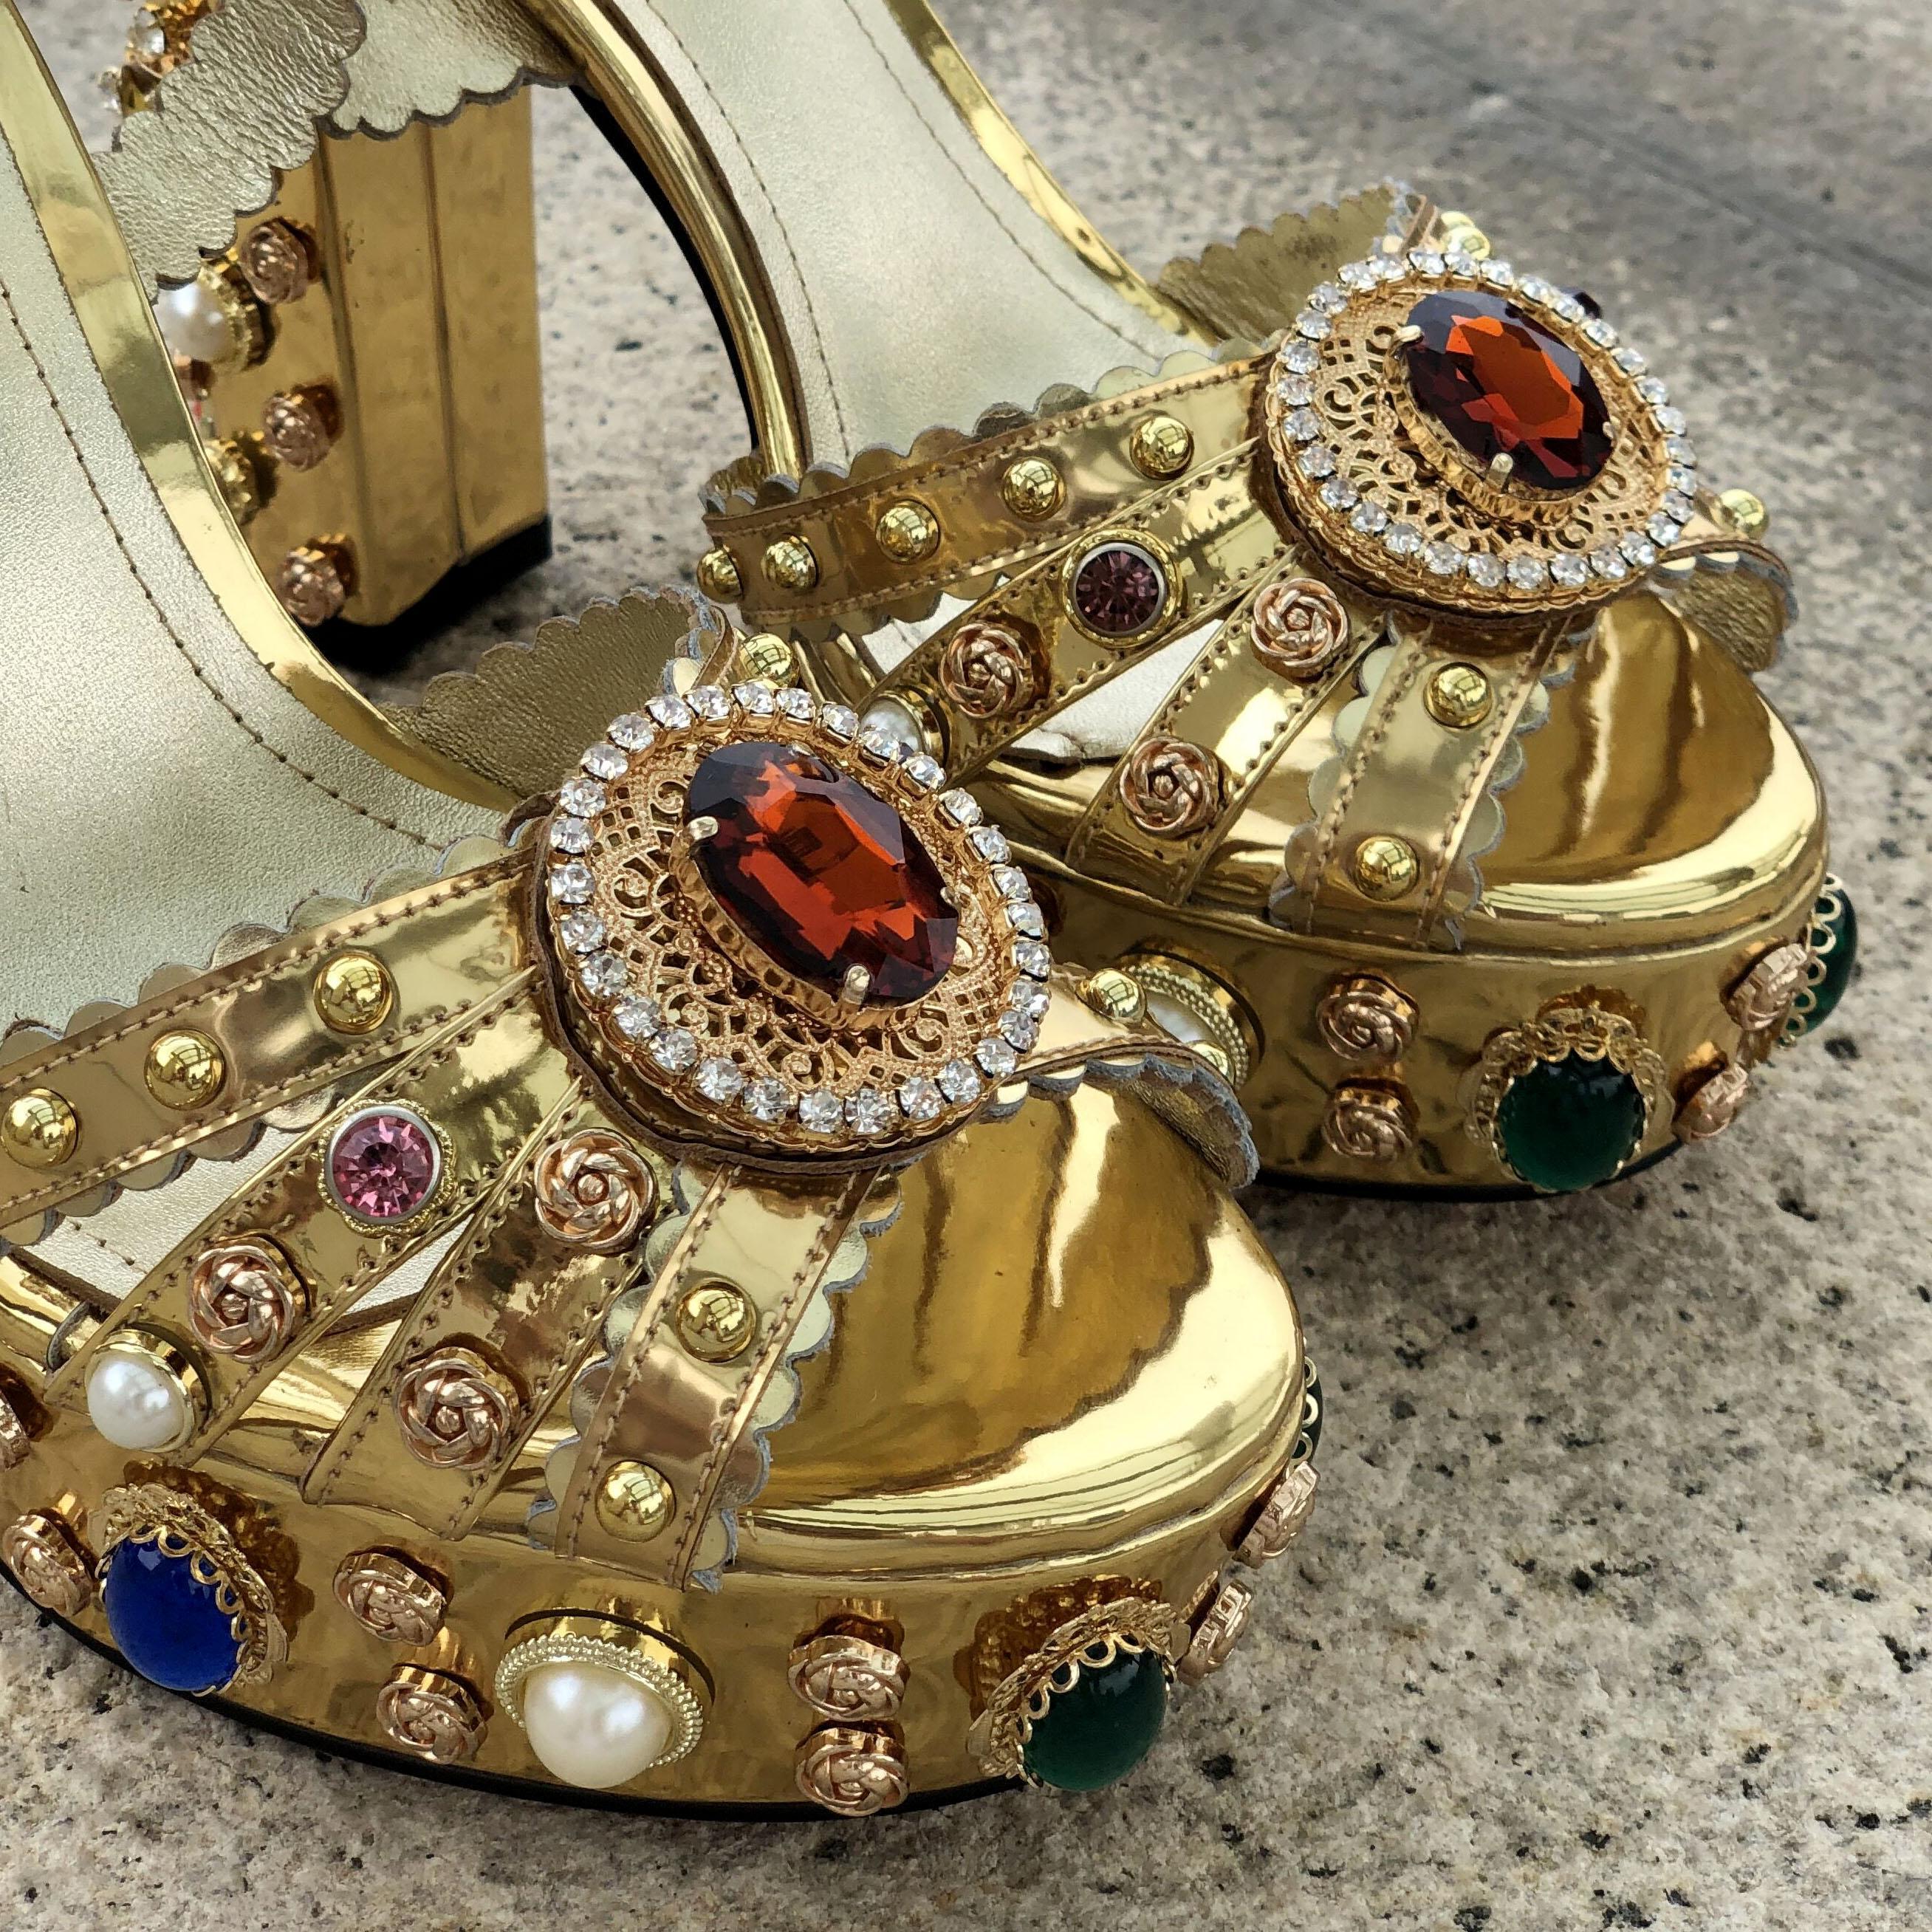 Горячая распродажа Diamone Pearl 14см Коренастый высокий каблук открывает Peep-Toes европейские американские дворцы на платформе босоножки обувь золото размером 35-42